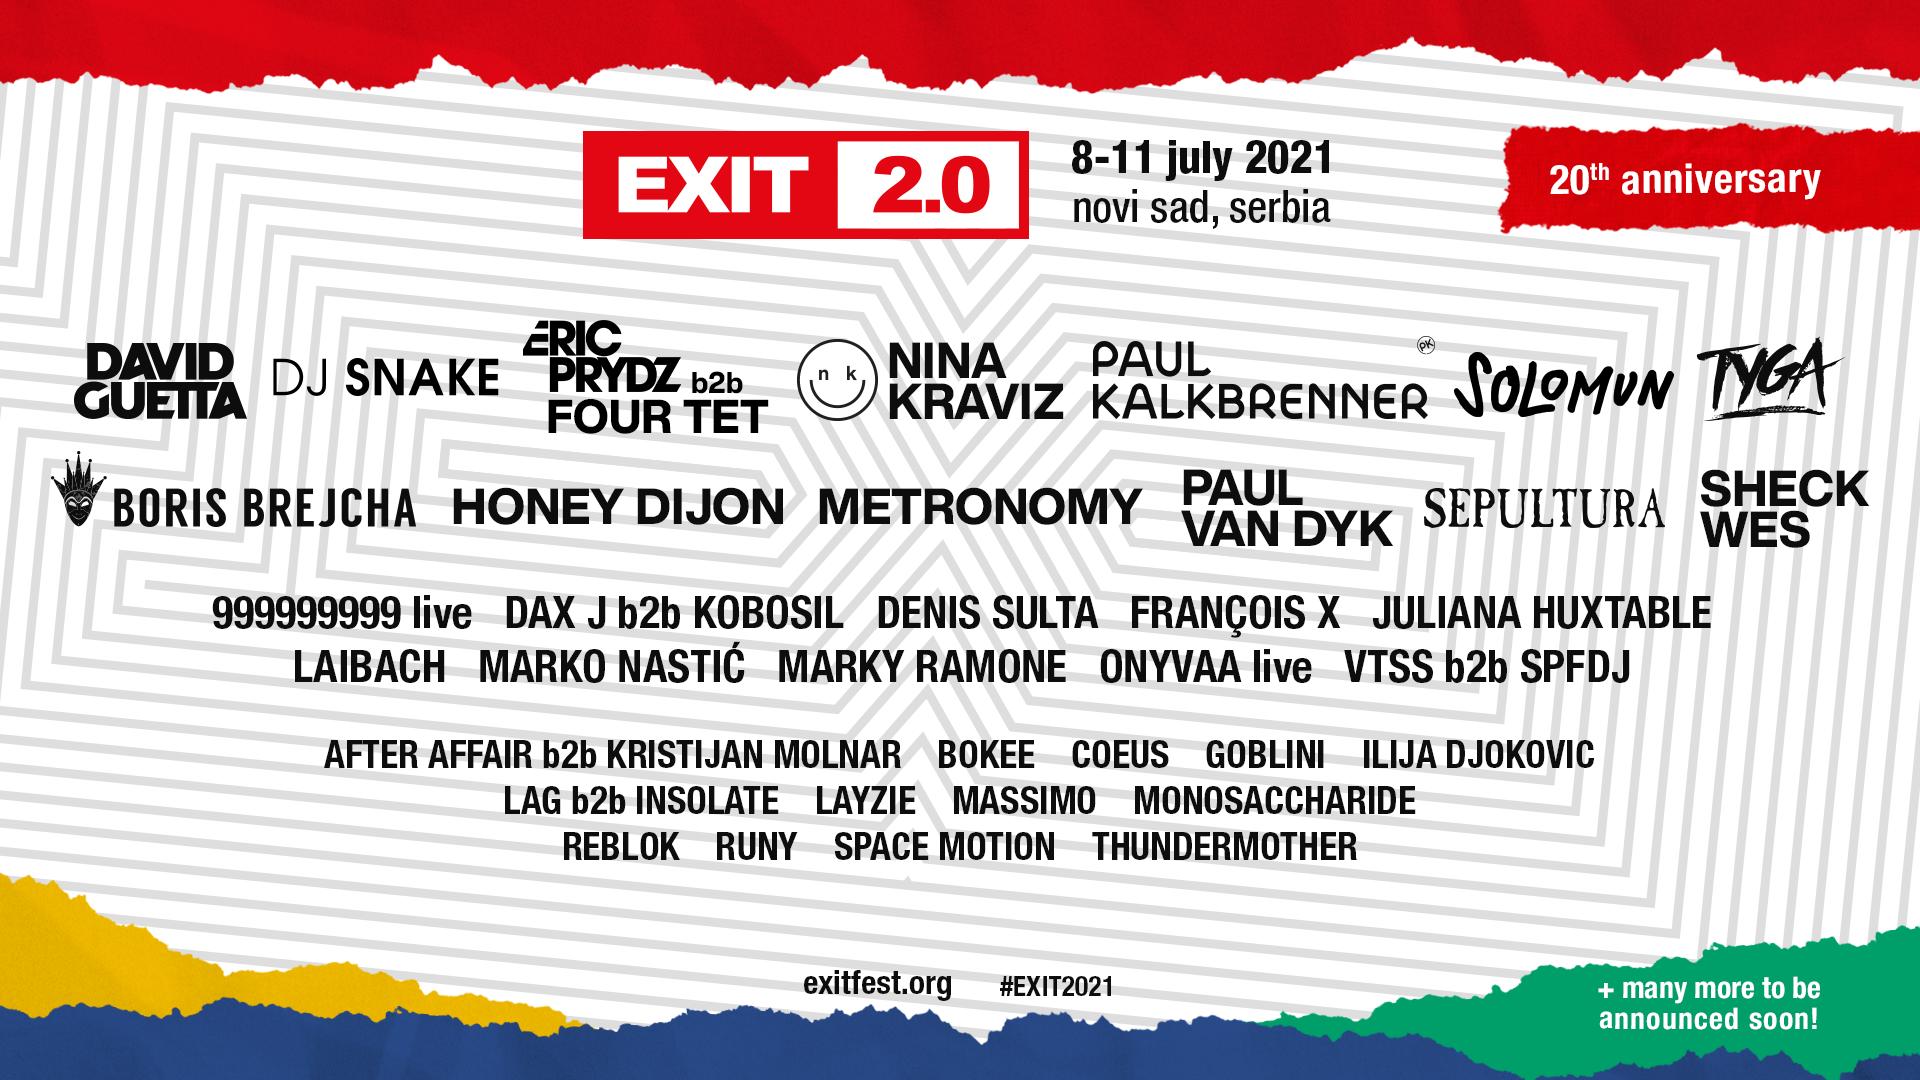 Sheck Wes, Paul Kalkbrenner, Nina Kraviz, Honey Dijon и Solomun се присъединяват към 20-тата годишнина на фестивала EXIT